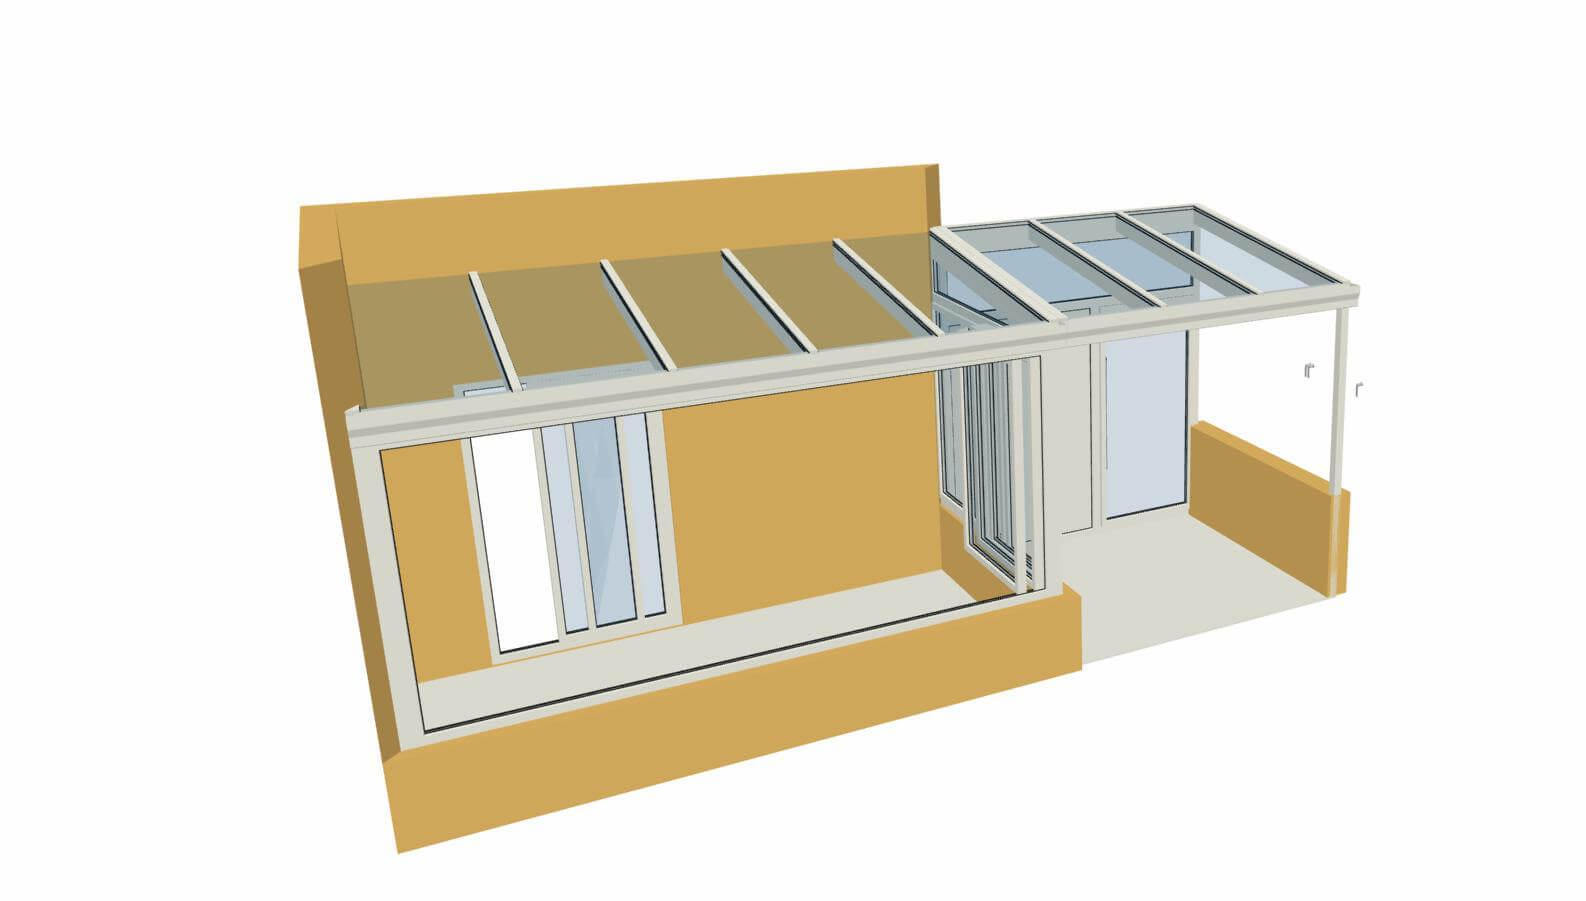 Wintergarten Planung Beispiele